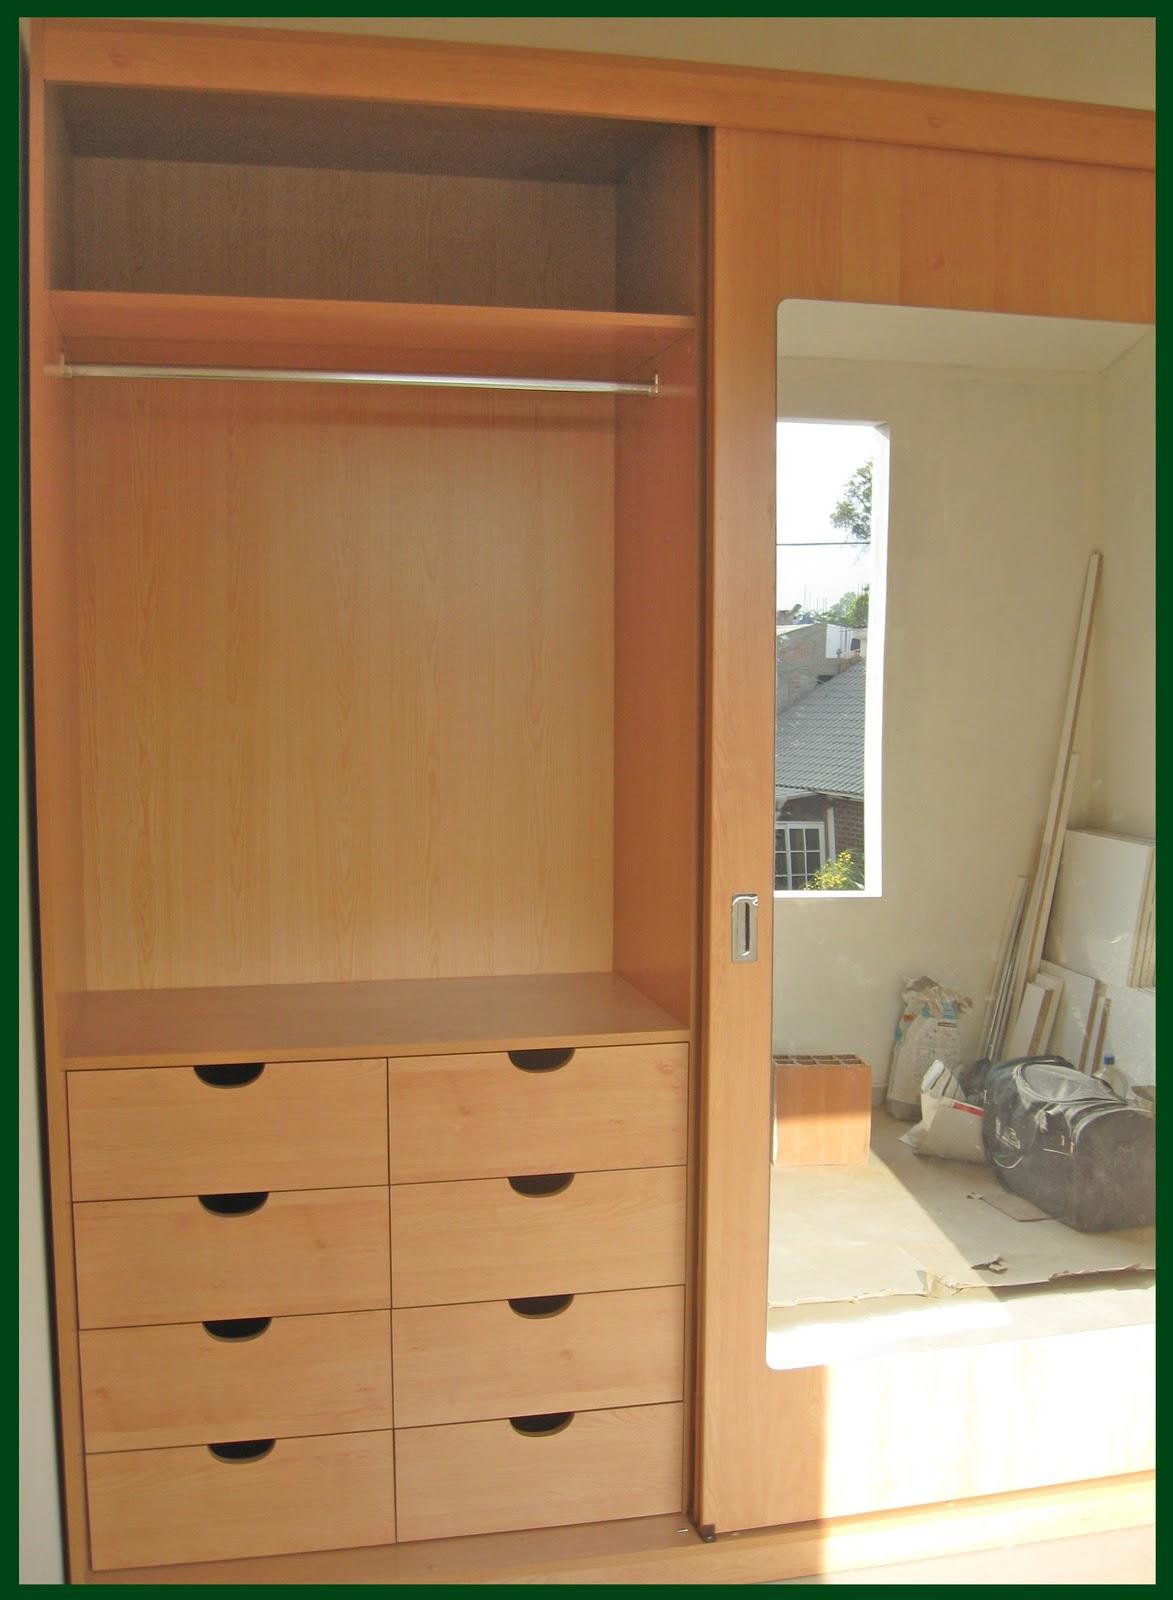 Muebles jose luis chingay closet exclusivo color haya for Puertas corredizas para closet